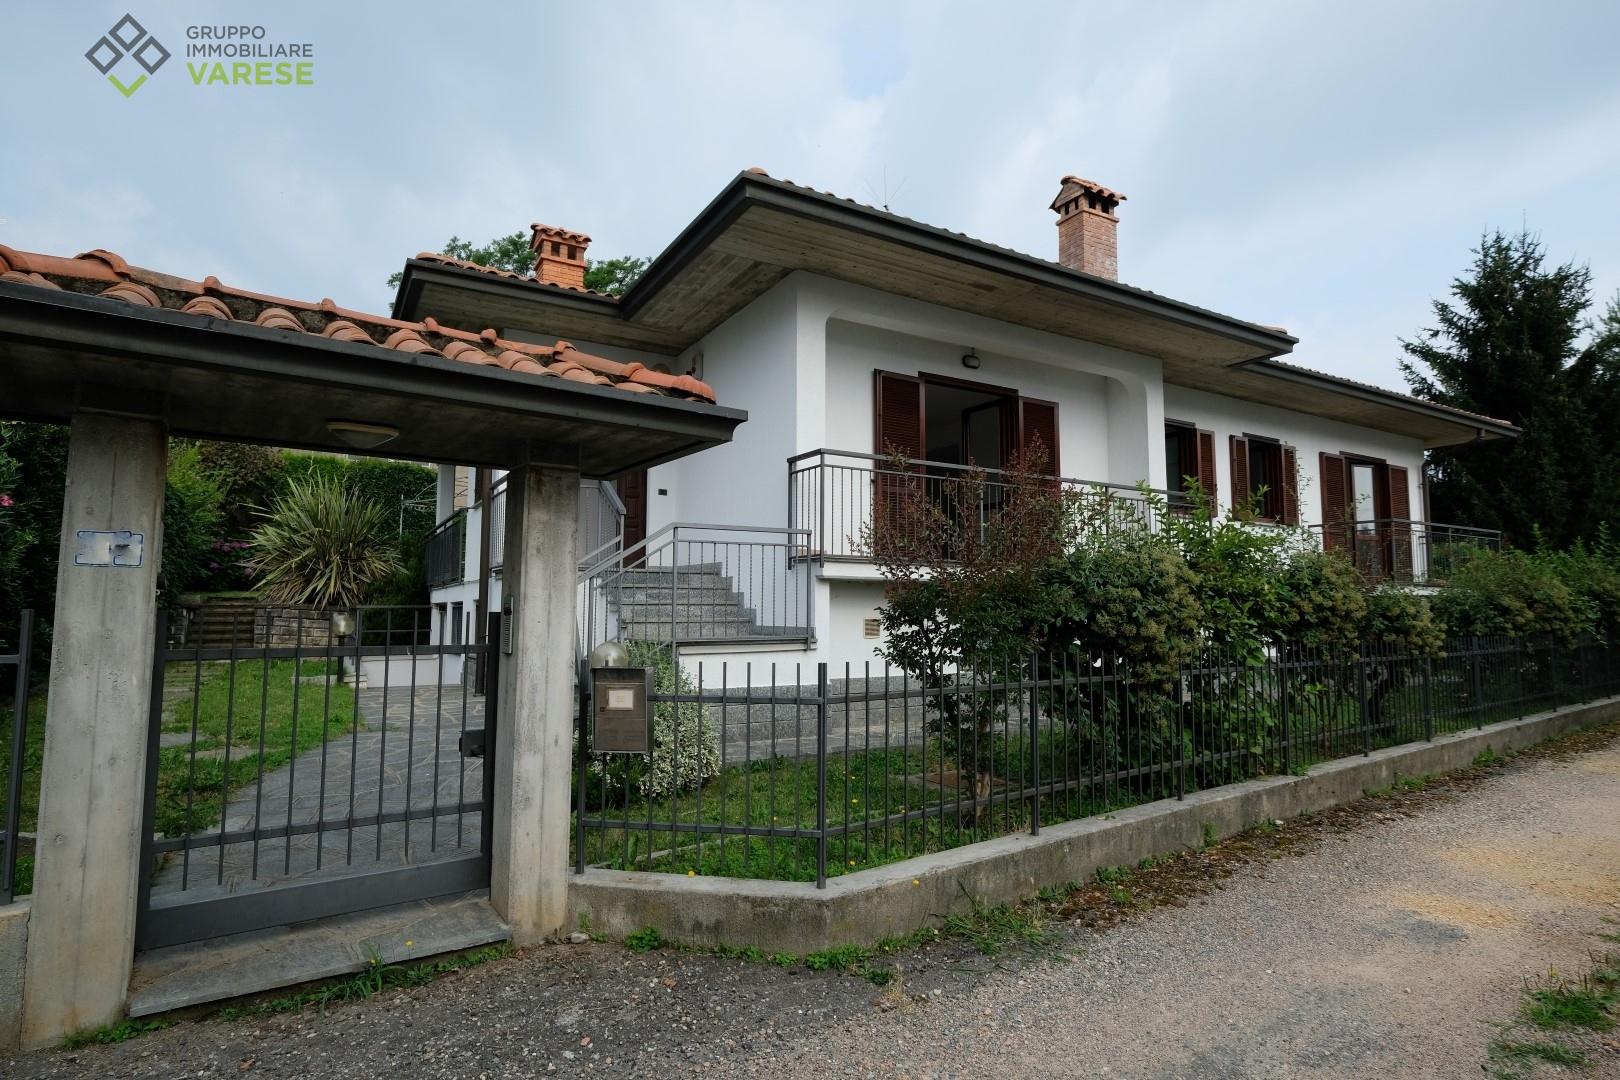 Villa in vendita a Morazzone, 5 locali, prezzo € 375.000 | CambioCasa.it